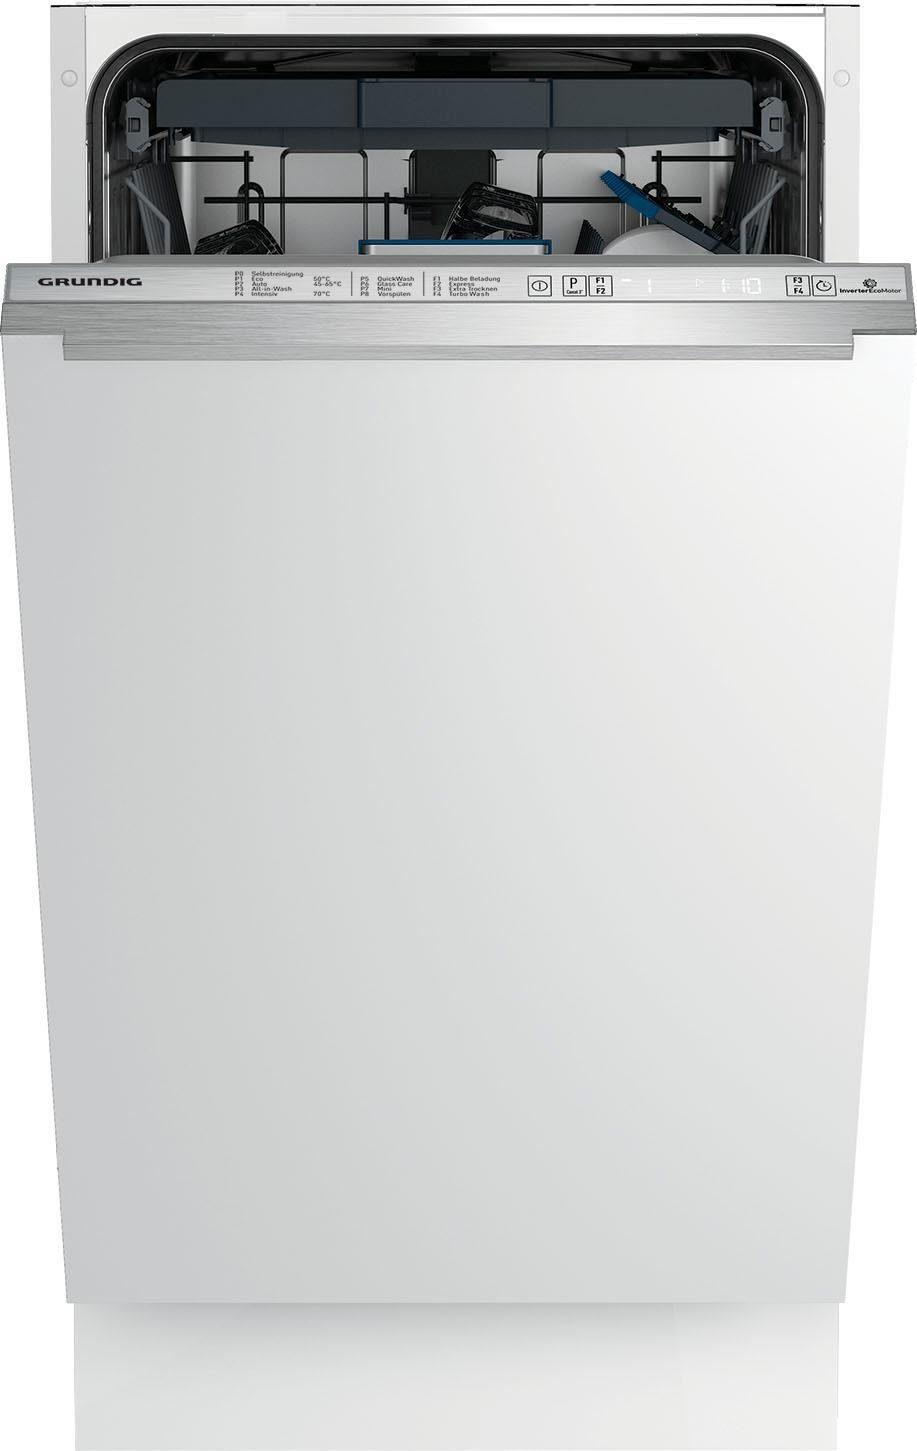 Grundig vollintegrierbarer Geschirrspüler, GSV 41925, 8,7 l, 11 Maßgedecke, 45 cm breit